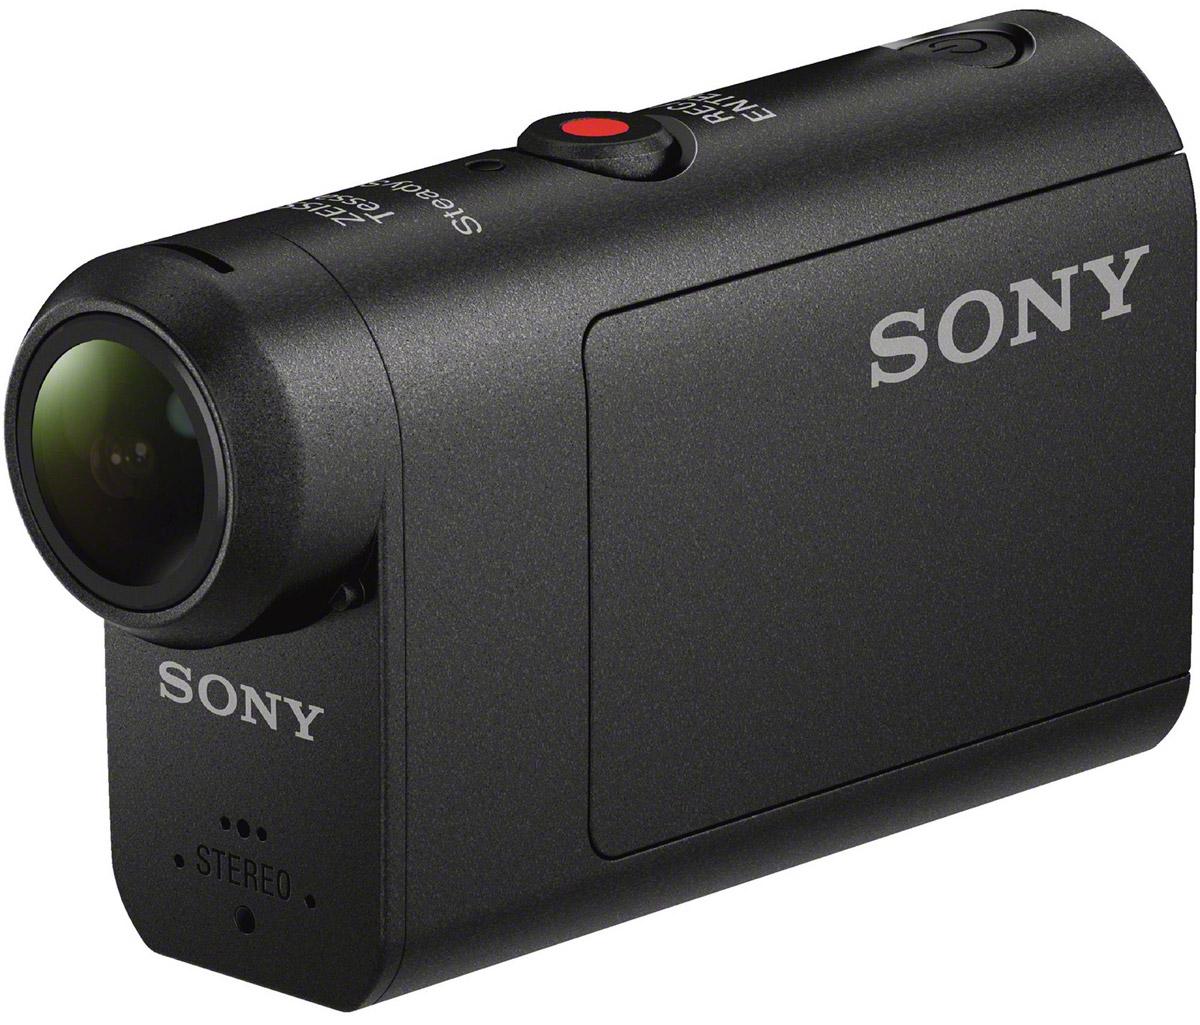 Sony HDR-AS50 экшн-камера sony hdr as50 1xexmor r cmos 11 1mpix черный